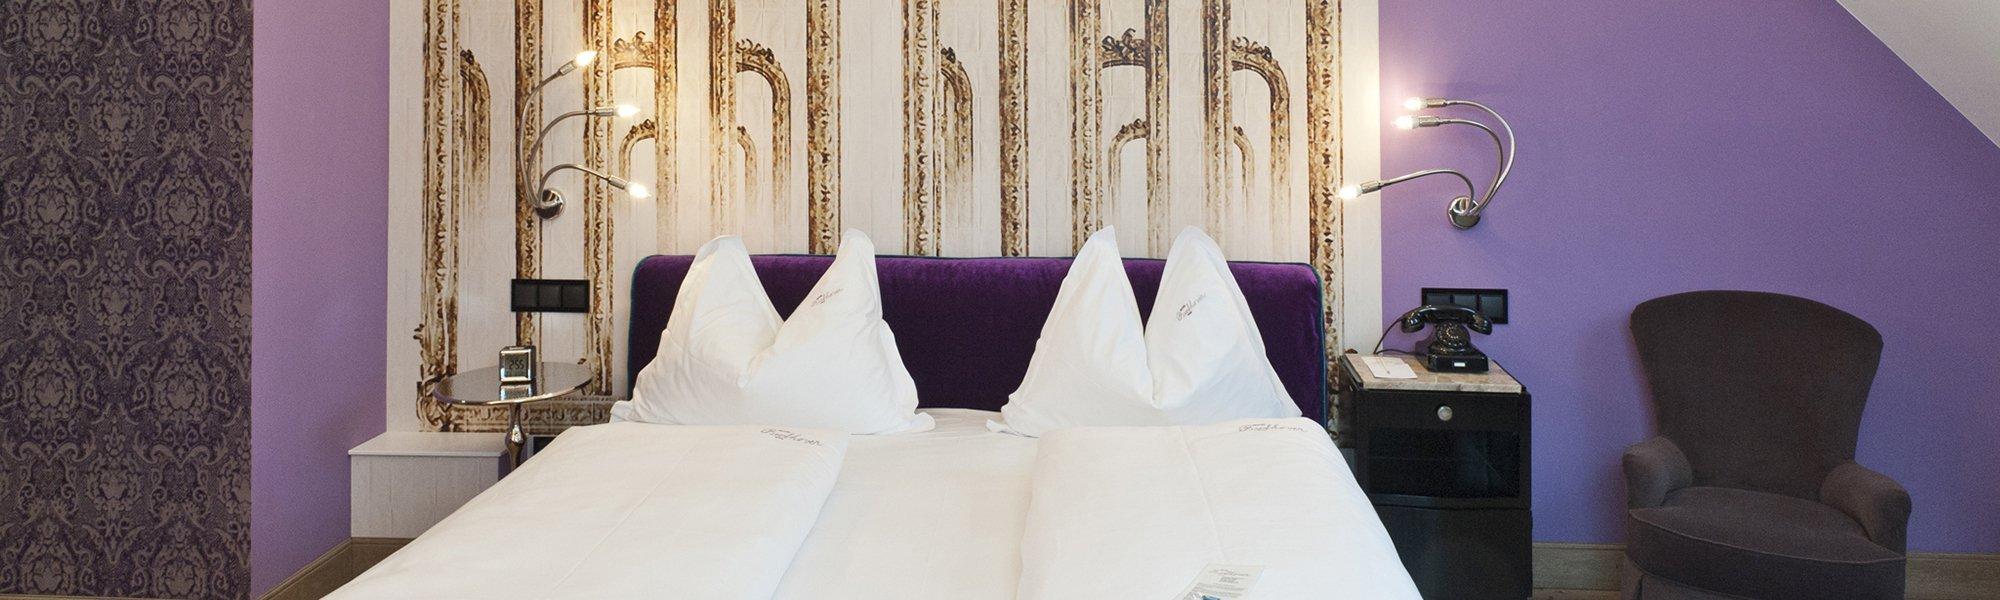 Hotel Beethowen Wien